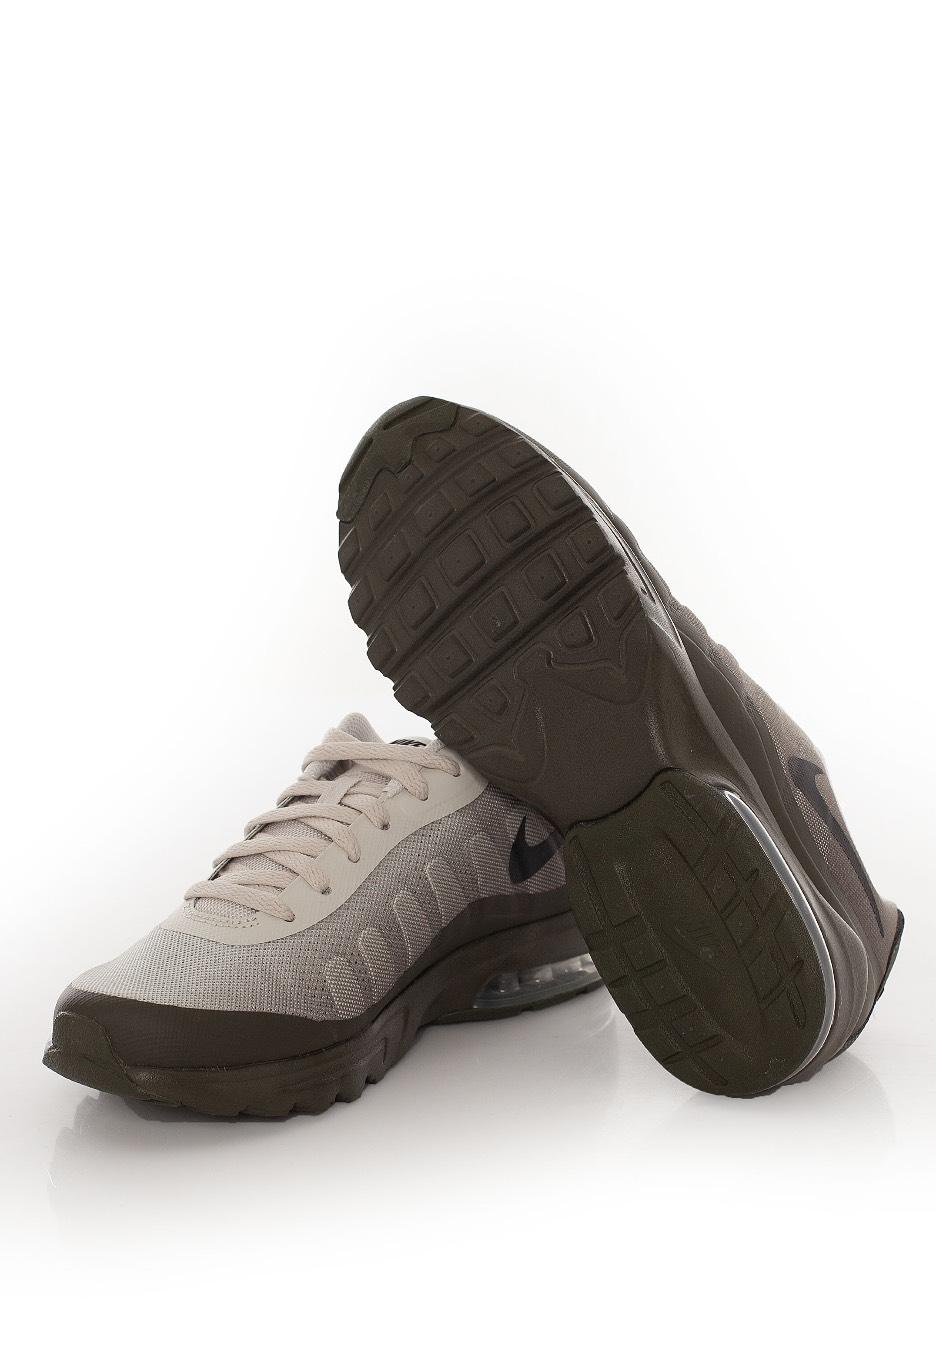 8e61a275e9a165 ... usa nike air max invigor print light bone black cargo khaki shoes a9a57  f3c4a